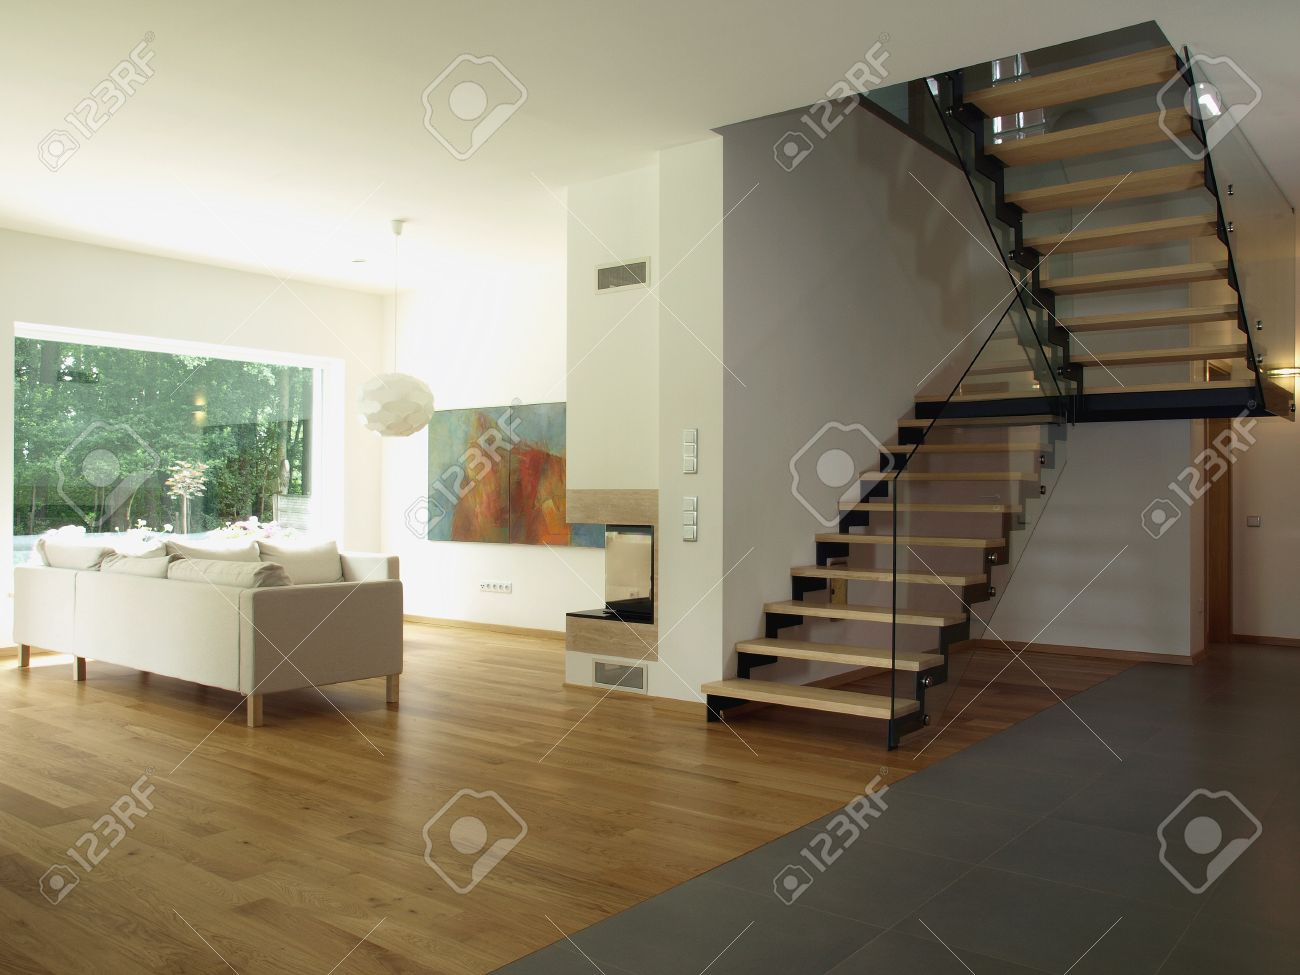 Interior modern royalty vrije foto's, plaatjes, beelden en stock ...